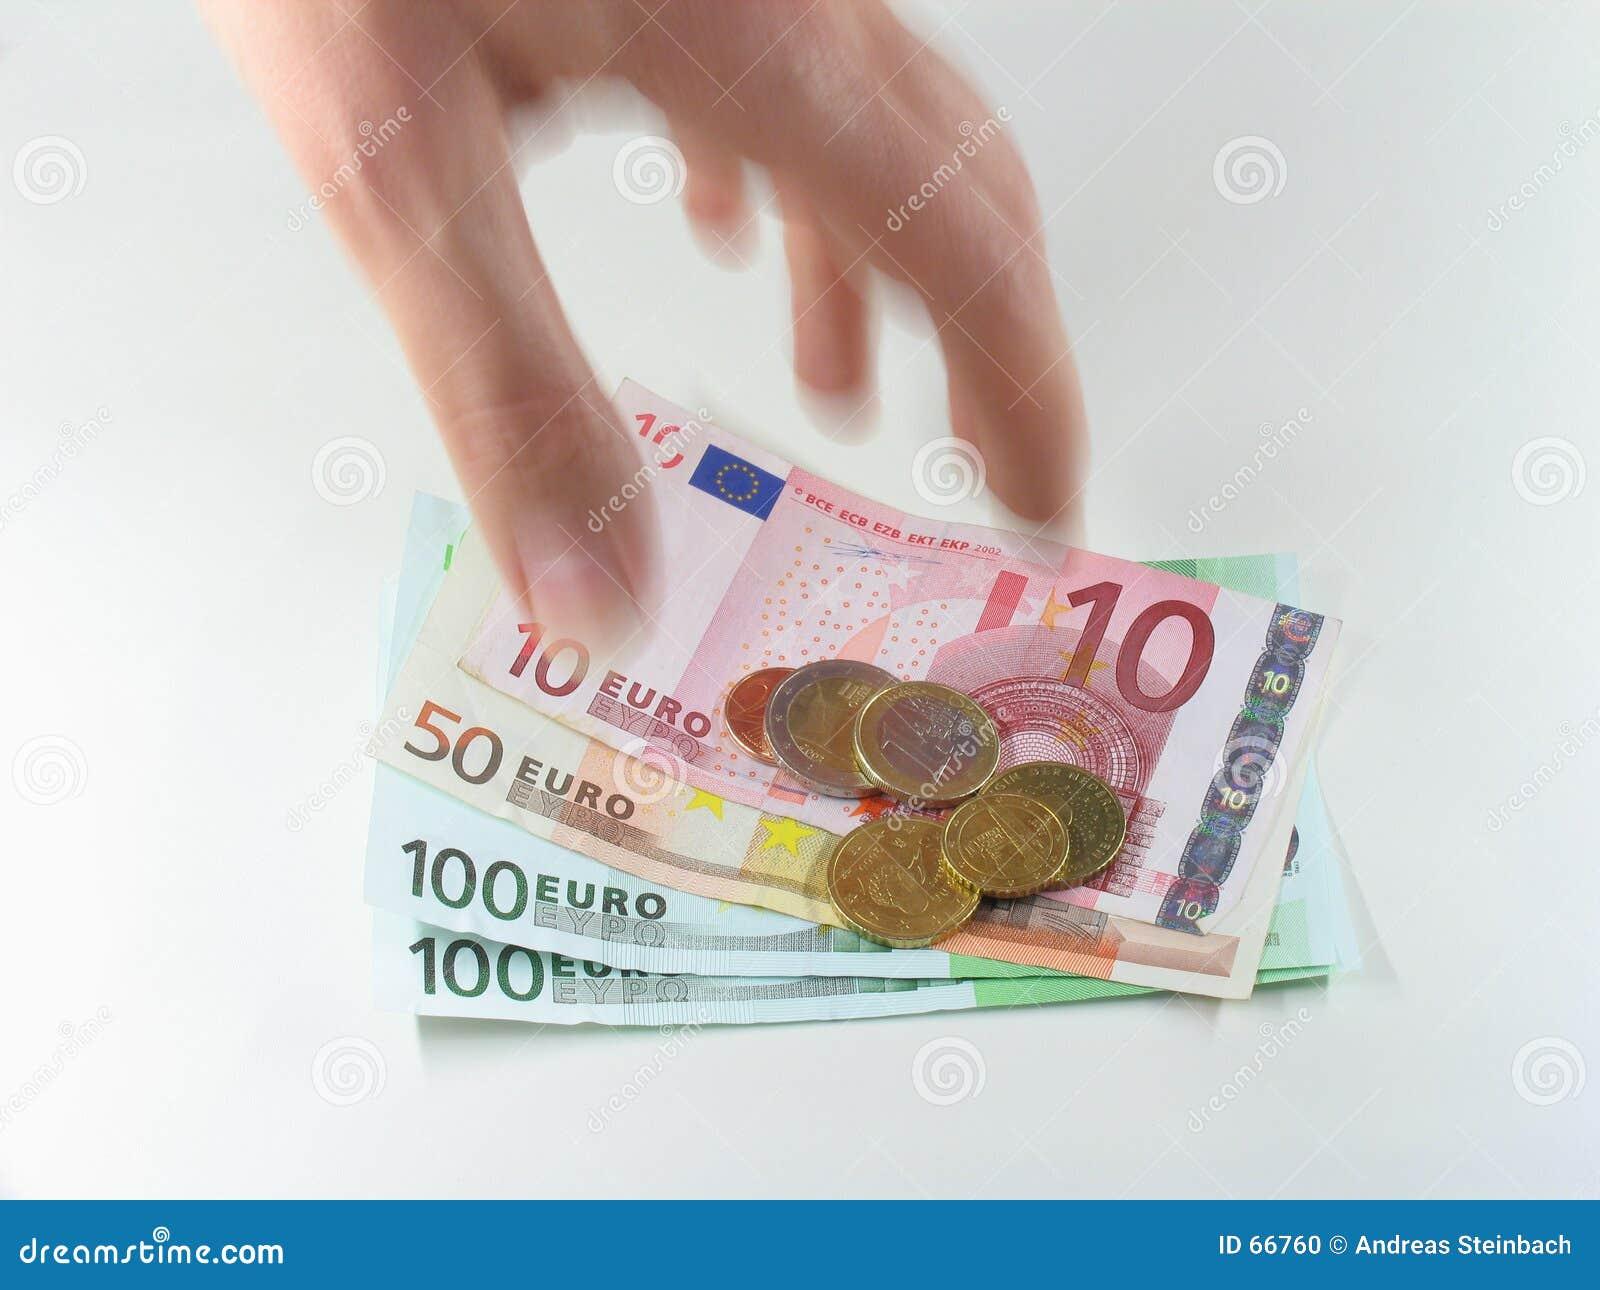 Grabbing Euros